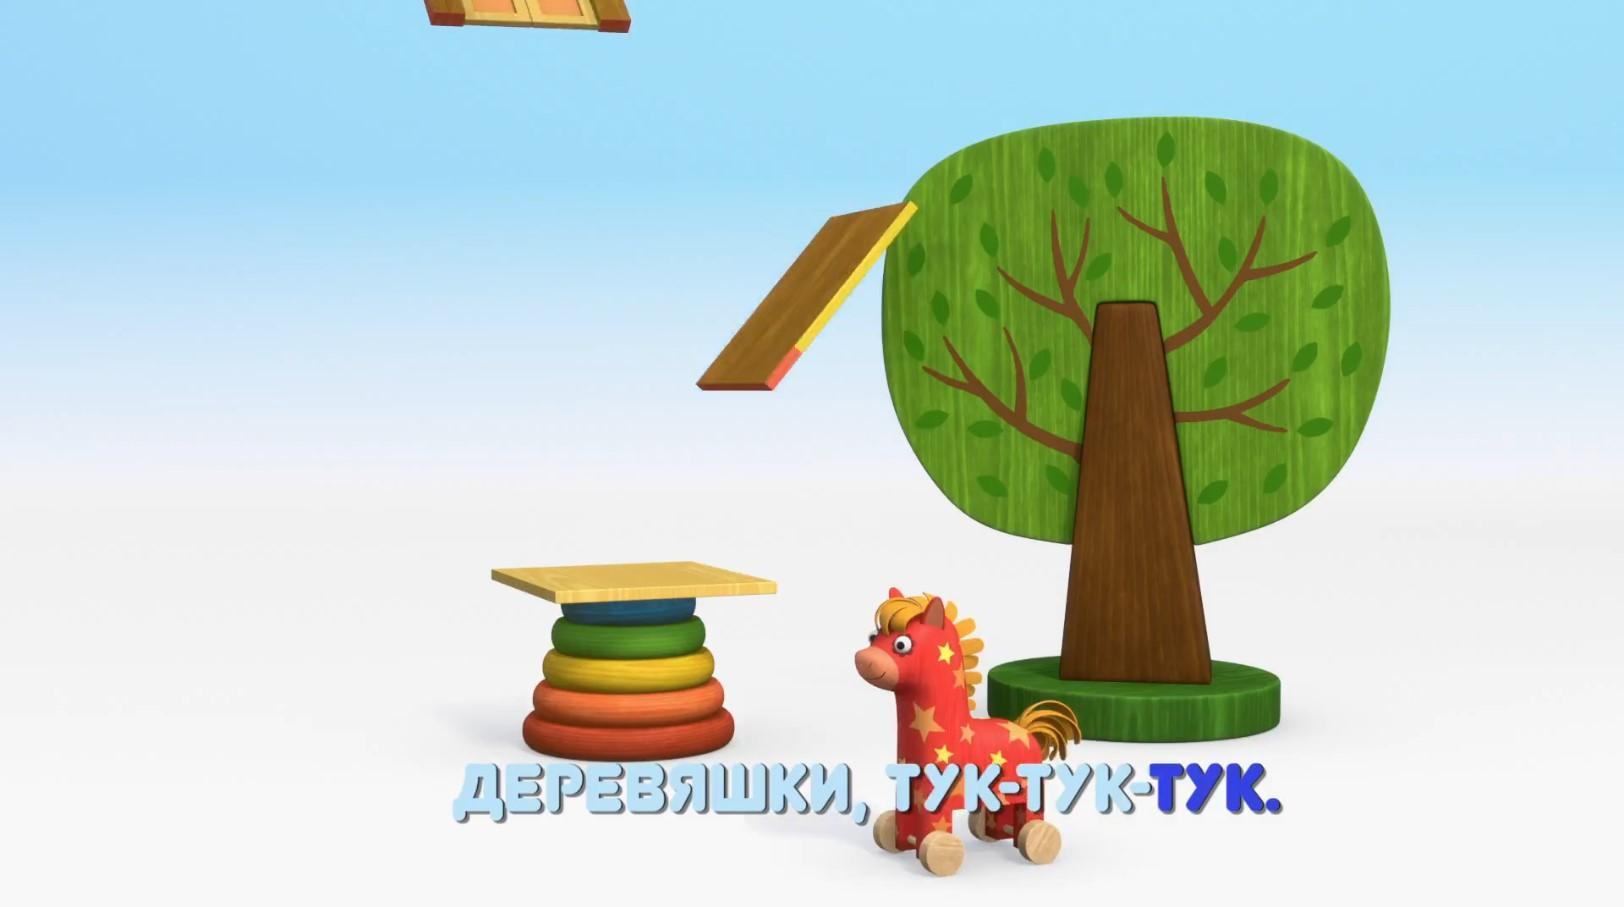 Деревяшки песенки